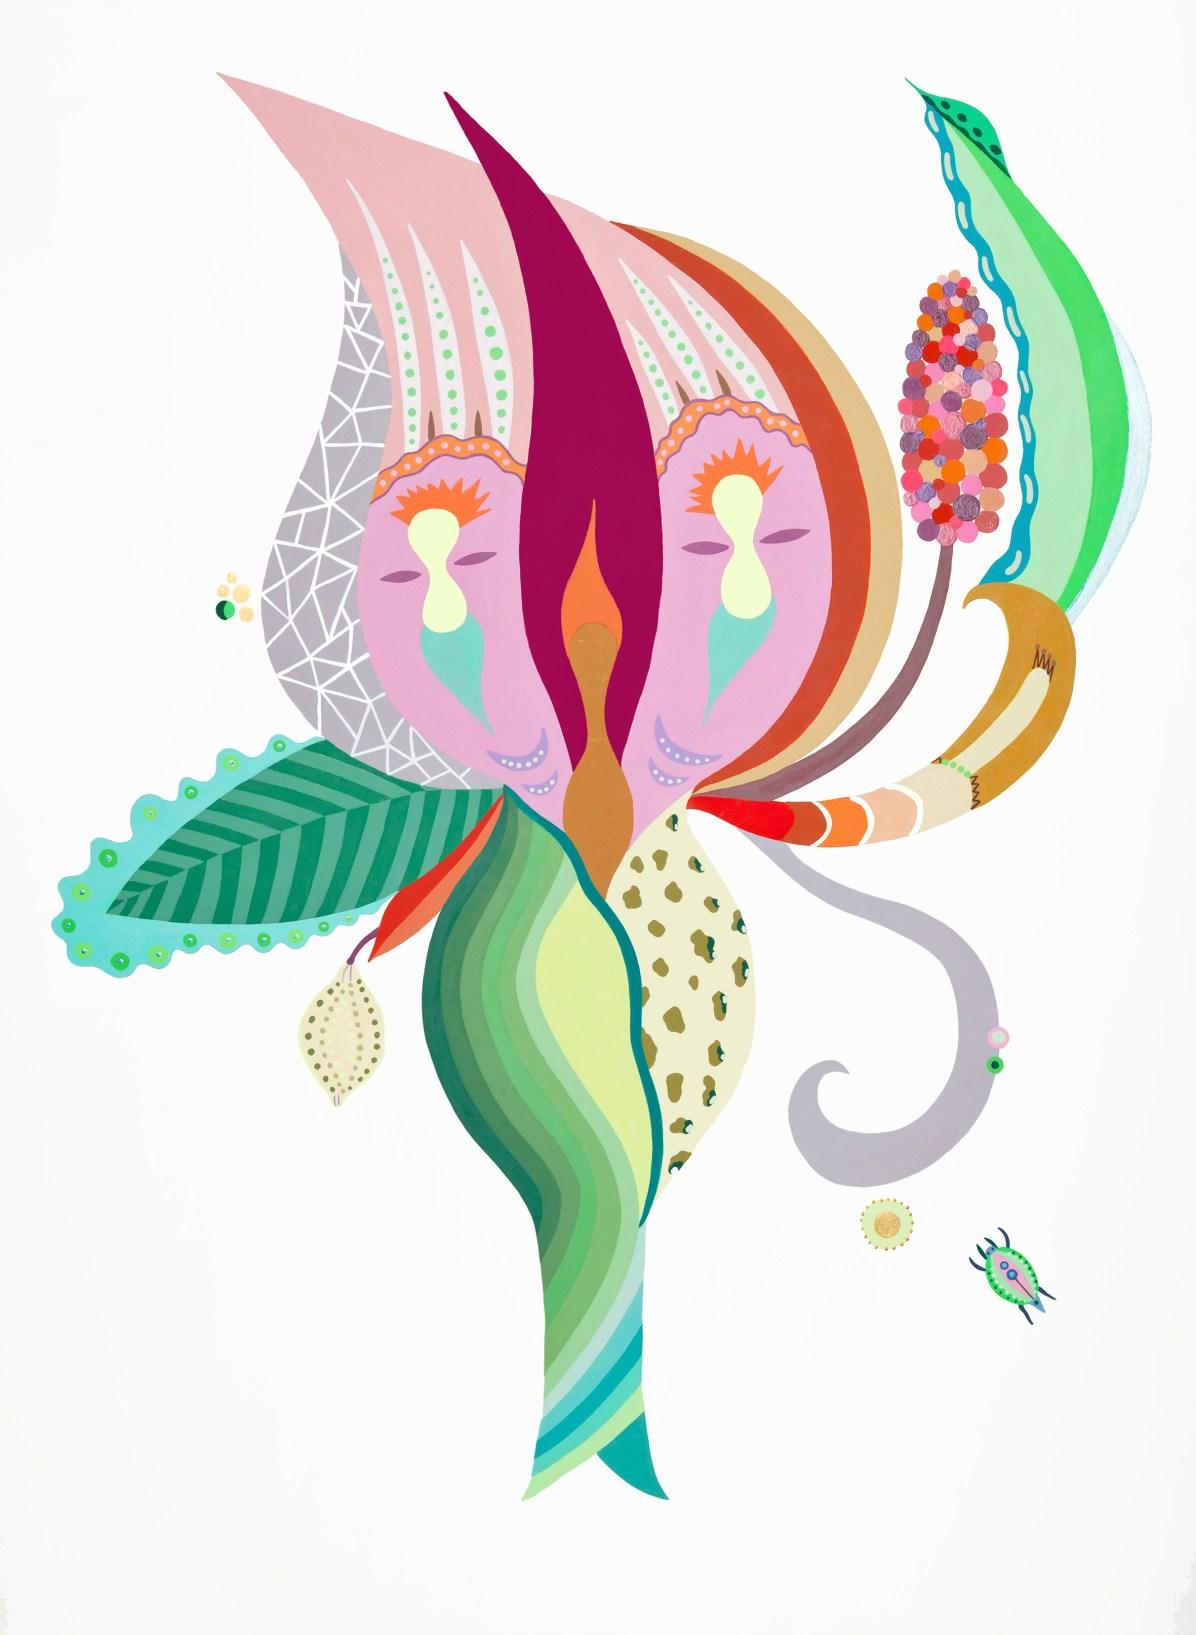 Fulvia Mendini, Peonia con ventaglio, 2012, acrilici su carta, cm 70 x 50